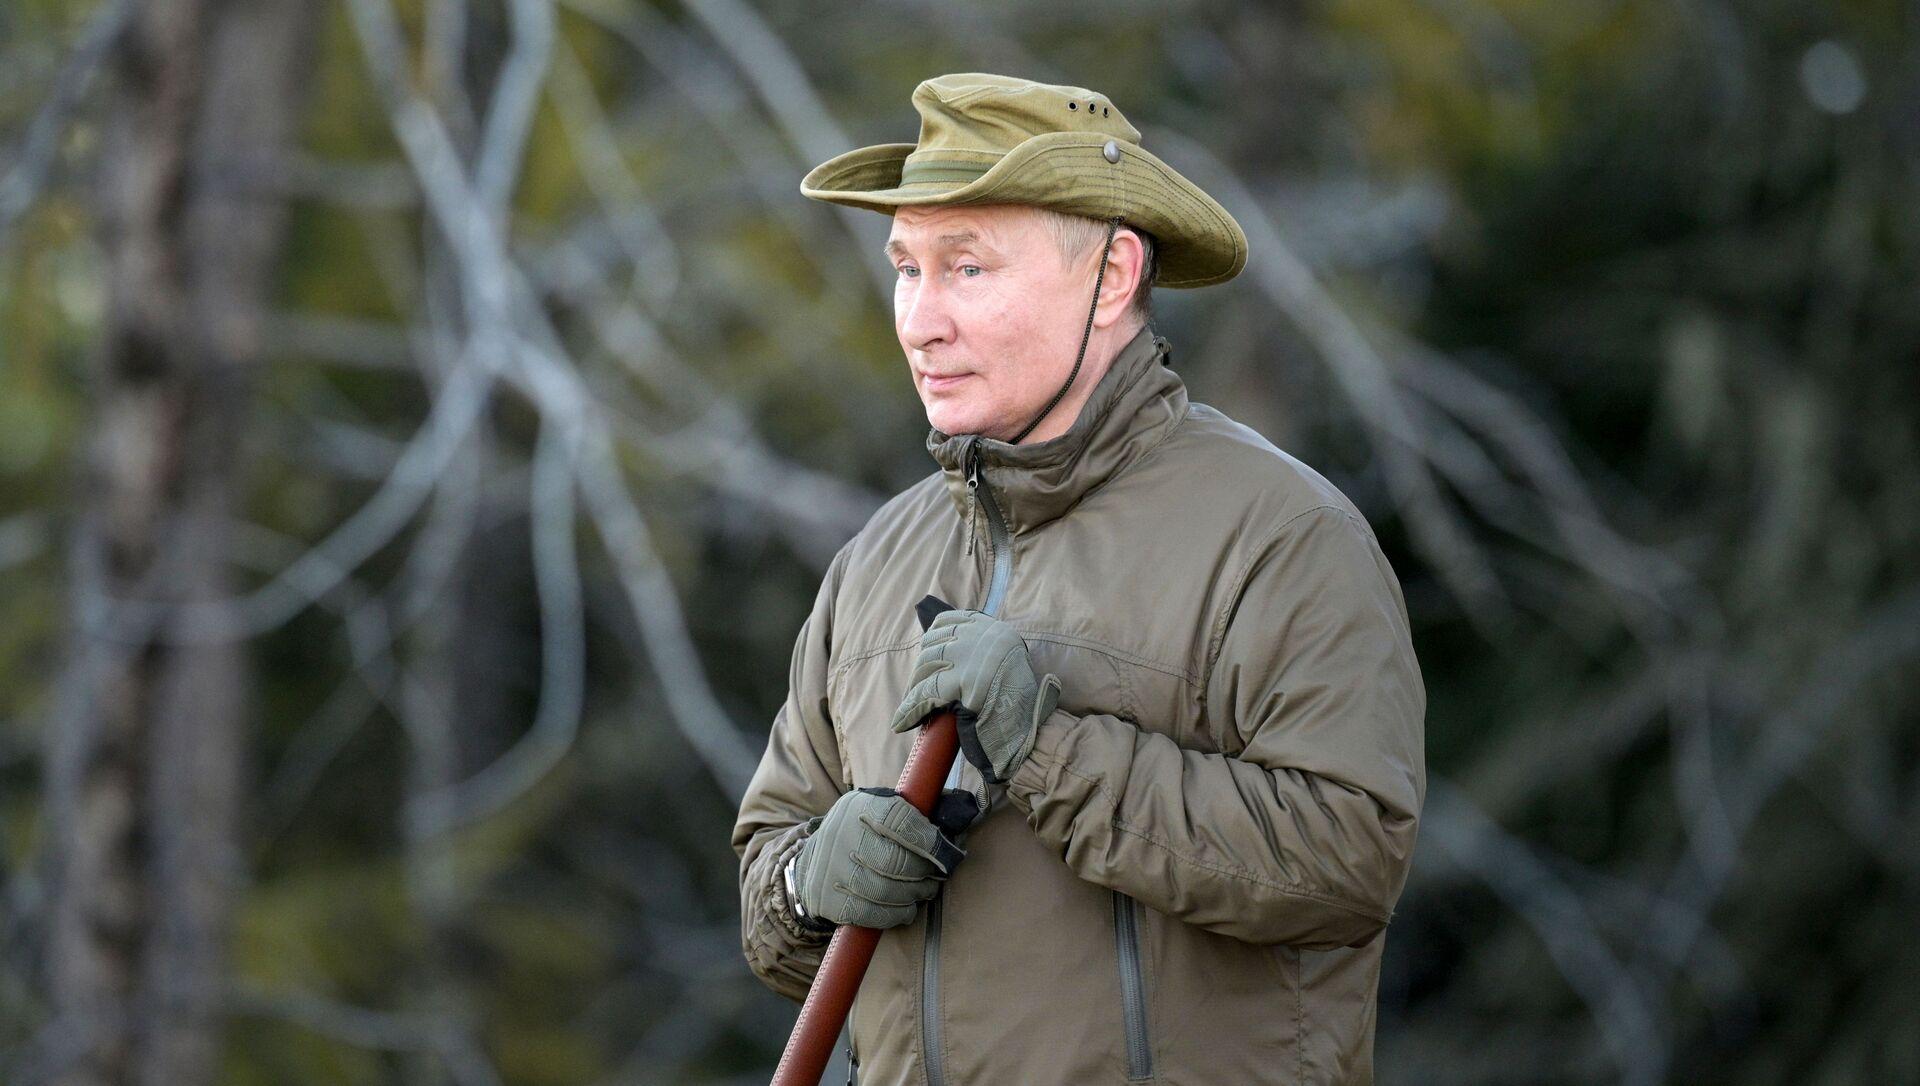 Trong thời gian kỳ nghỉ ở Siberia, Tổng thống Nga Vladimir Putin đã qua đêm giữa rừng taiga - Sputnik Việt Nam, 1920, 27.09.2021